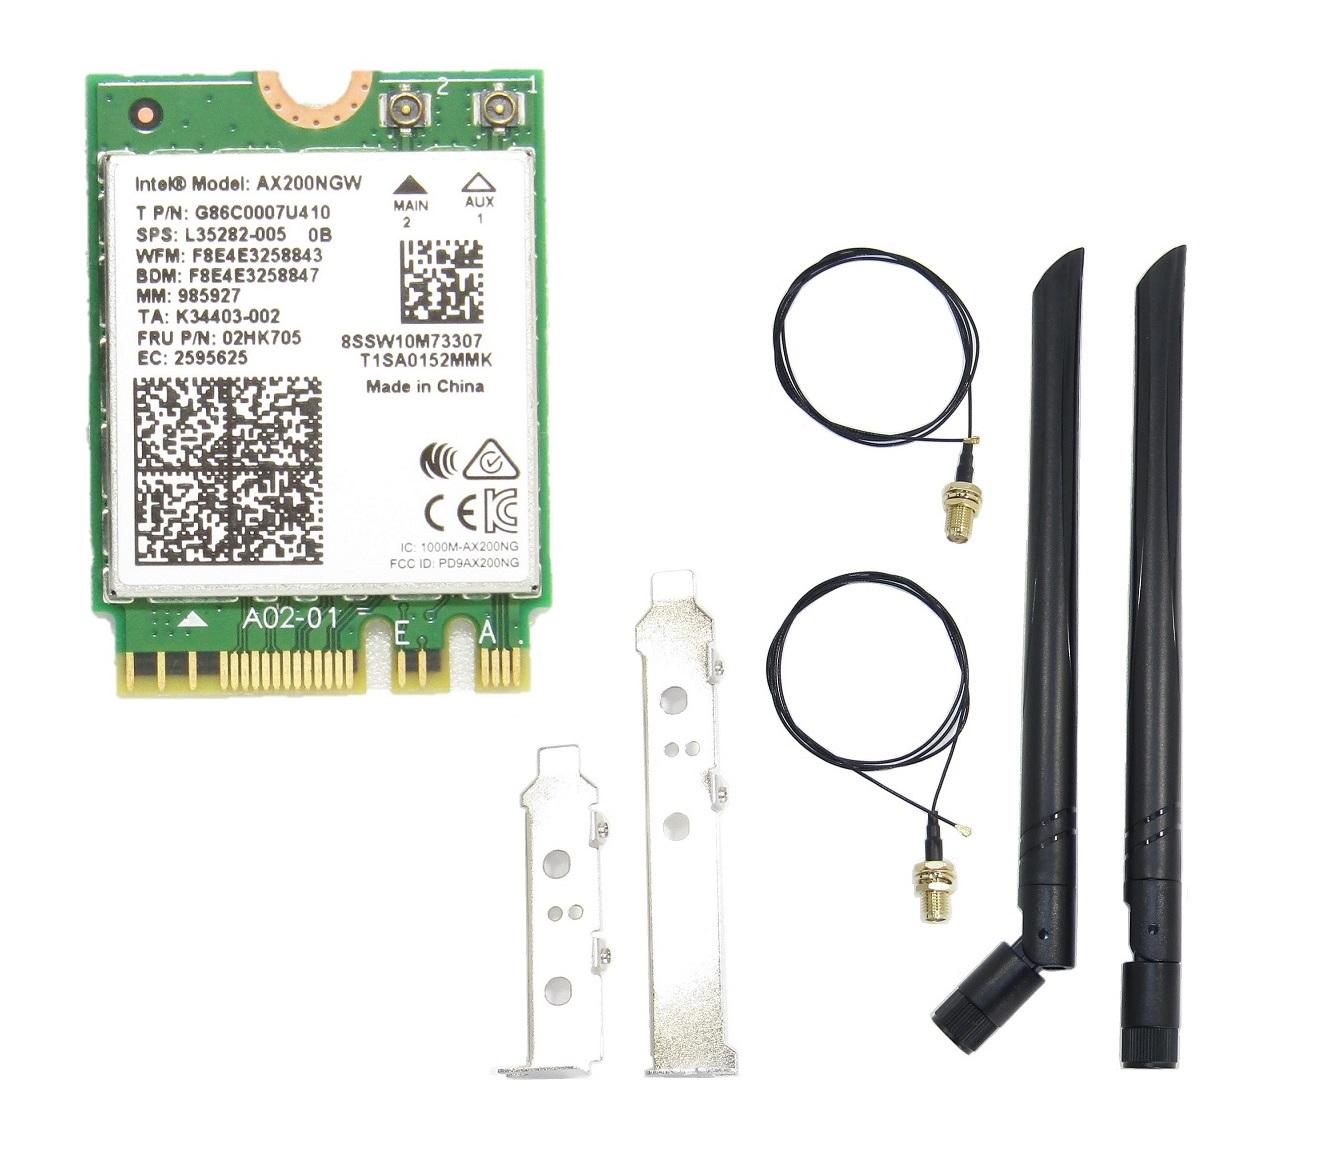 intel Wi-Fi 6 日時指定 bluetooth 5.0 アンテナ セット アンテナセット インテル Intel AX200 AX200NGW 802.11AX note パソコン 子機 アップグレード M.2 ノート NGFF m2 + Bluetooth 高額売筋 m.2 ワイヤレスカード